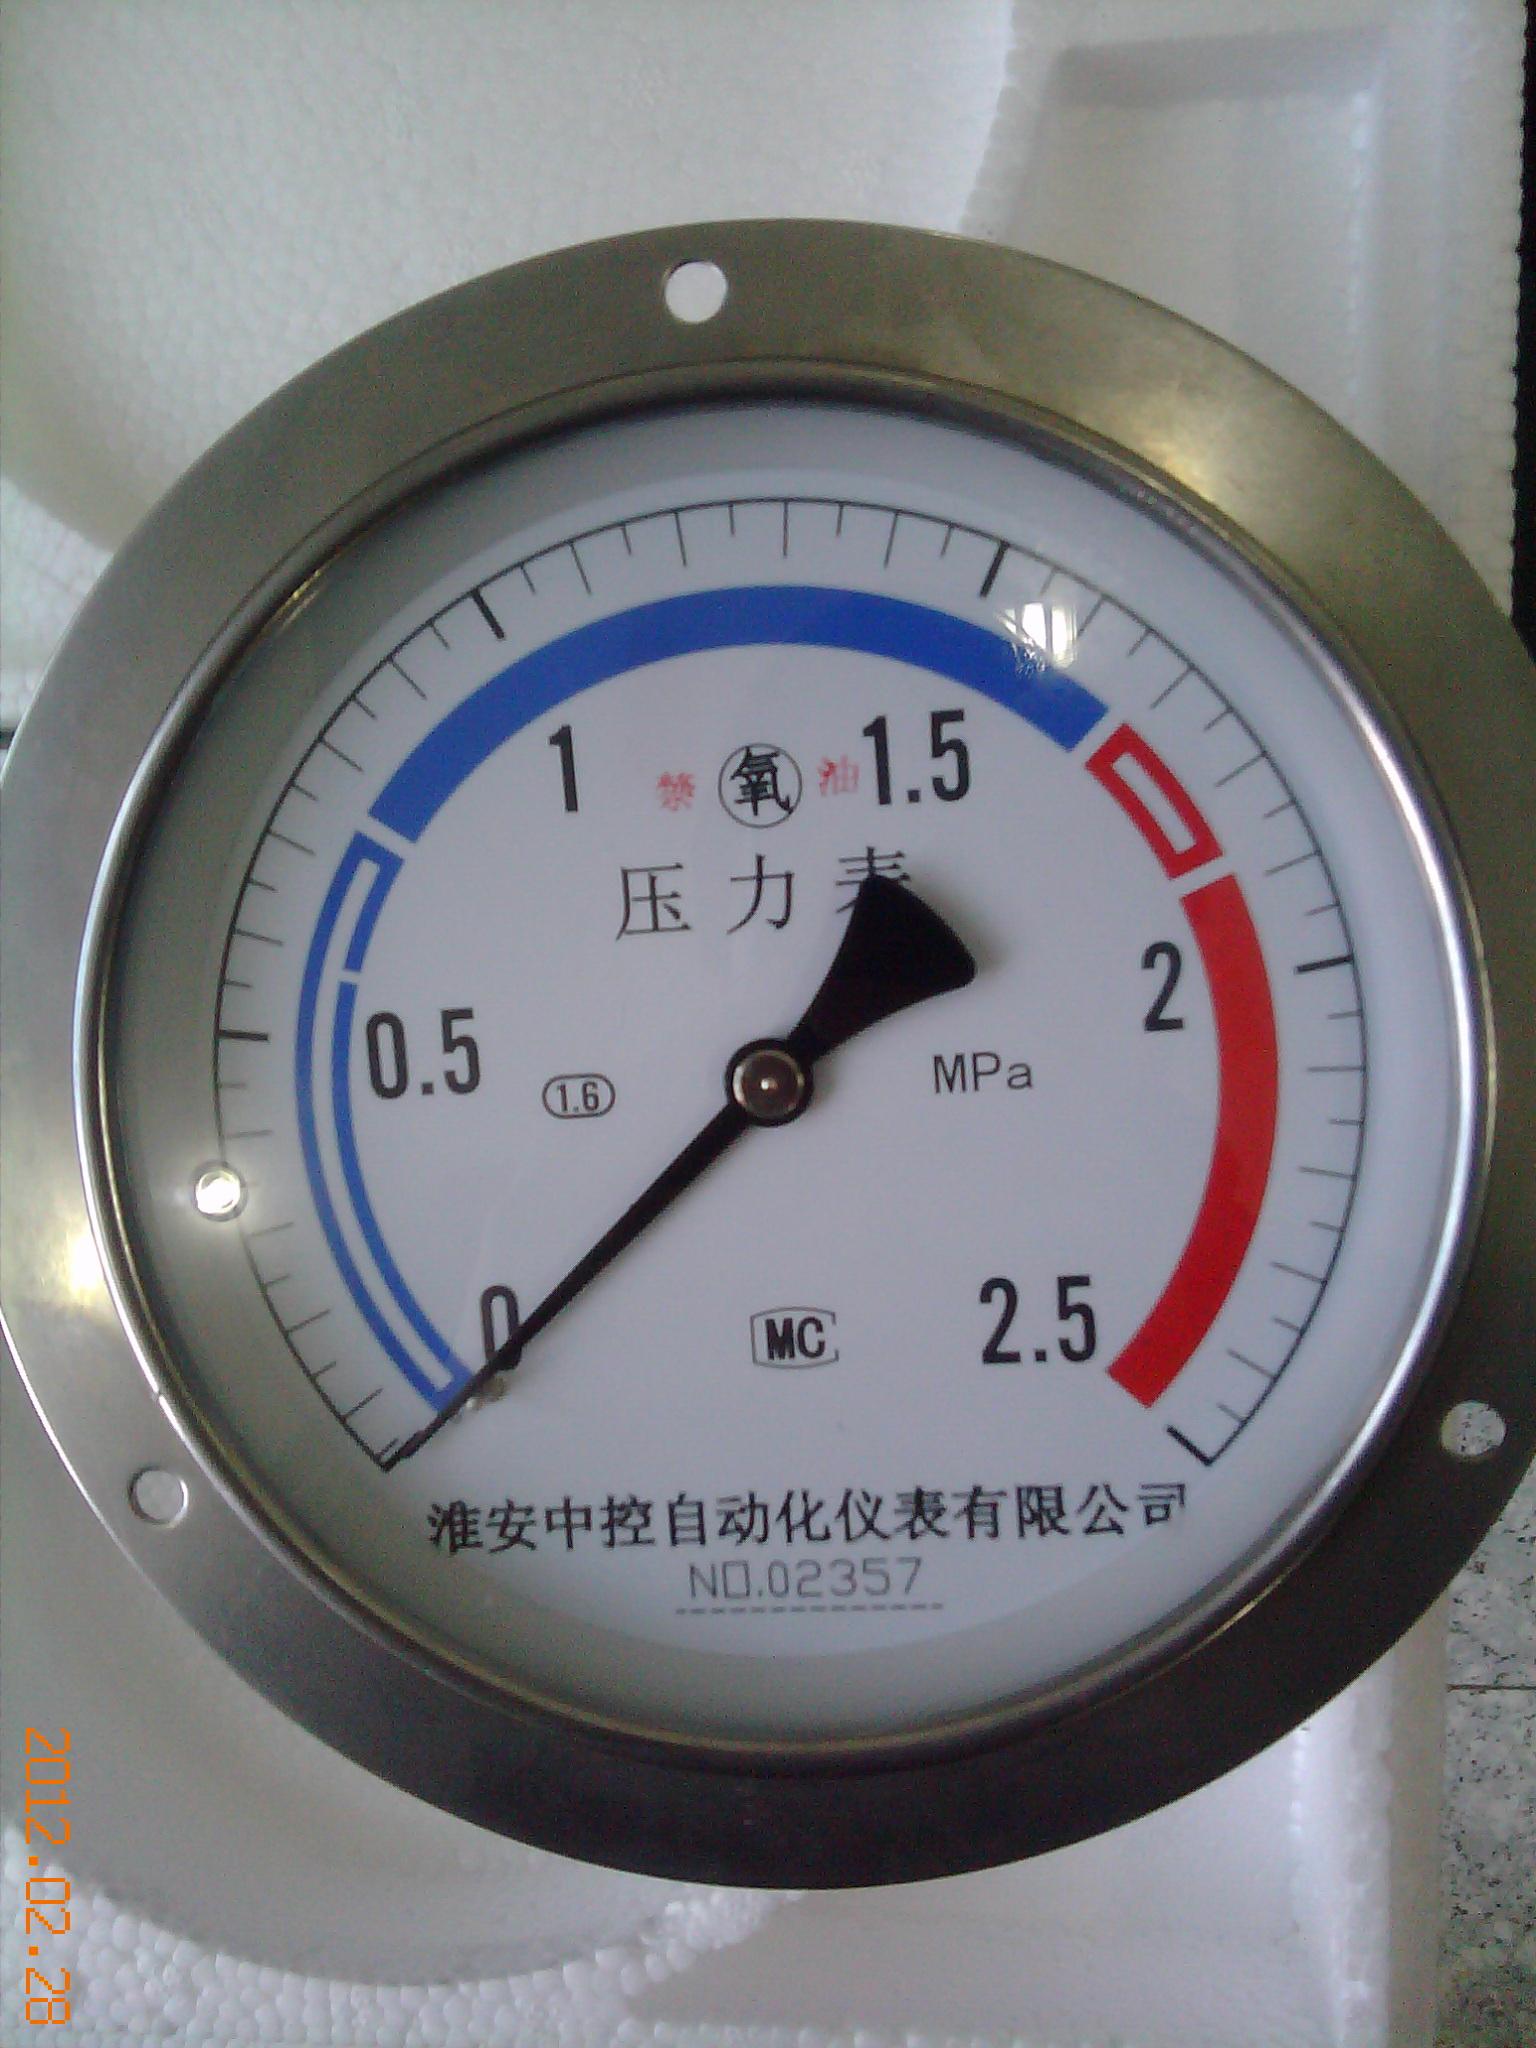 是指用来测定氧气压力的压力表,压力表测量的是表压